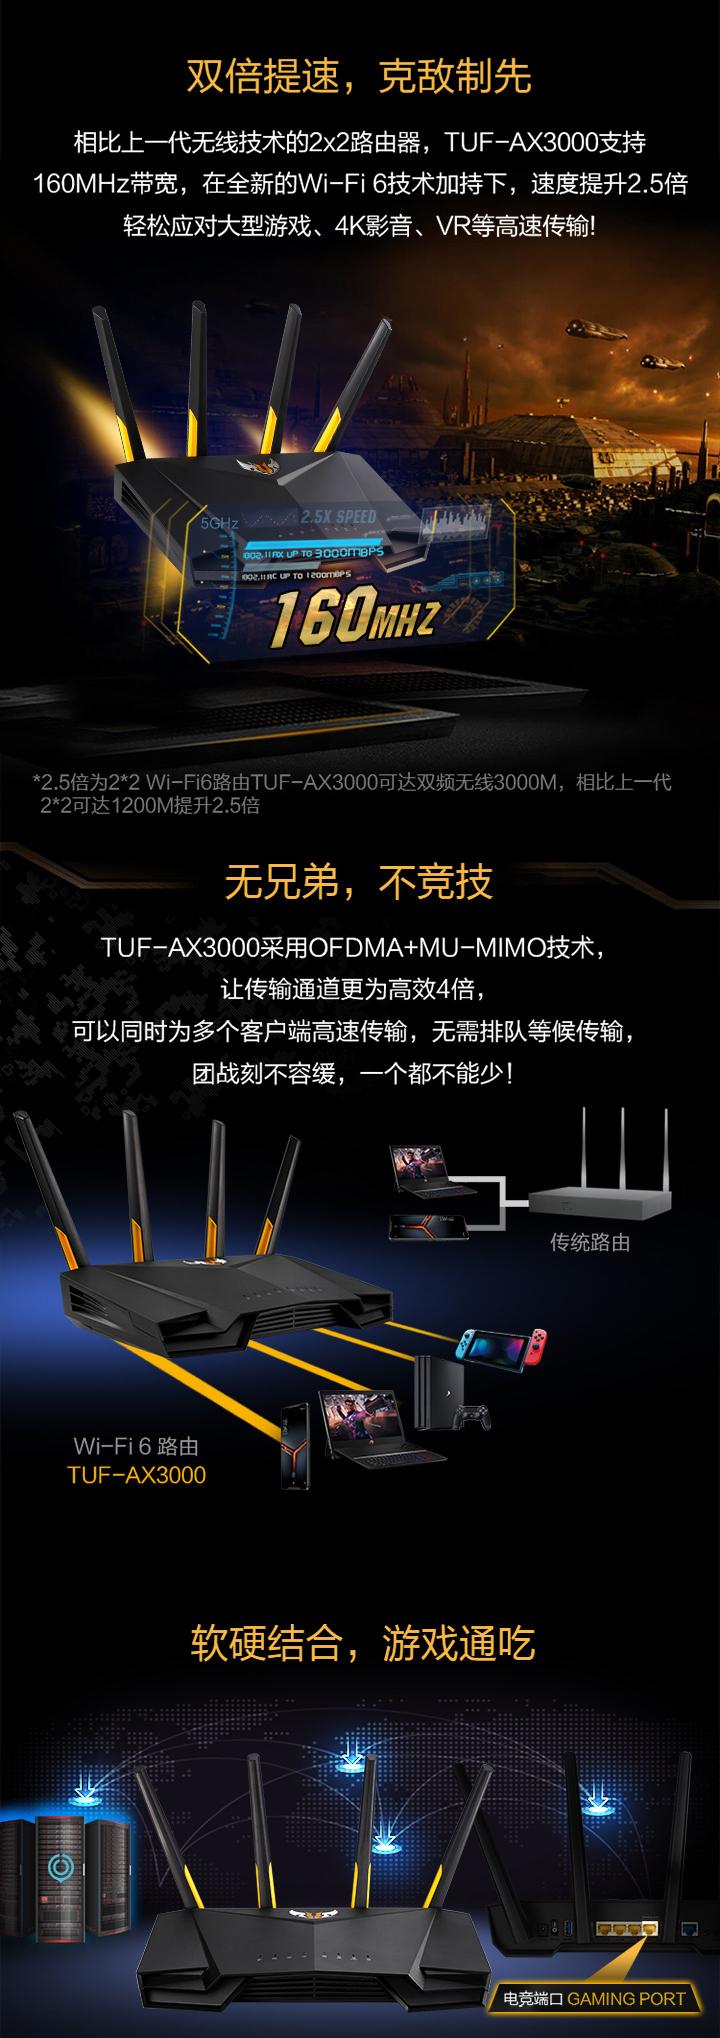 华硕TUF-AX3000电竞特工路由免费试用,评测